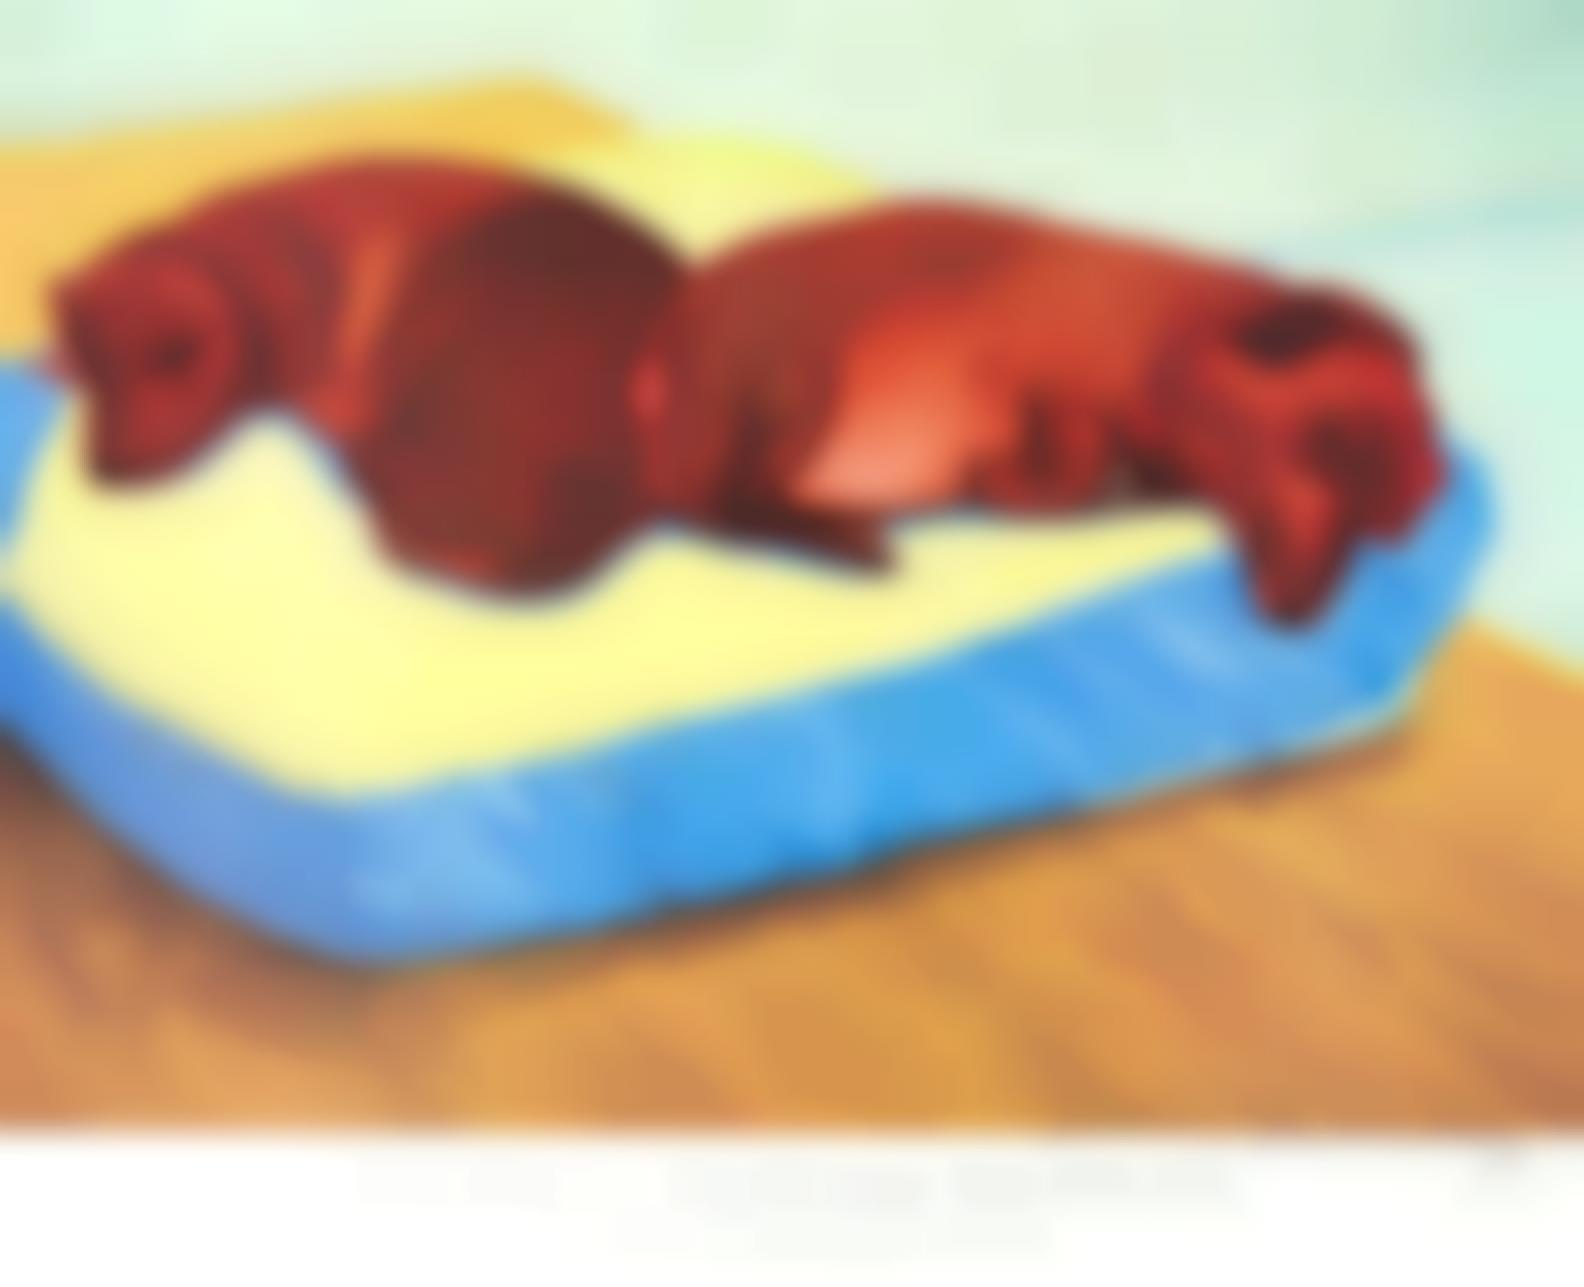 David Hockney-After David Hockney - A Group Of Exhibition Posters: David Hockney: Dog Paintings, Salt Mills; David Hockney: A Retrospective; Igor Stravinsky, Metropolitan Opera, New York-1995